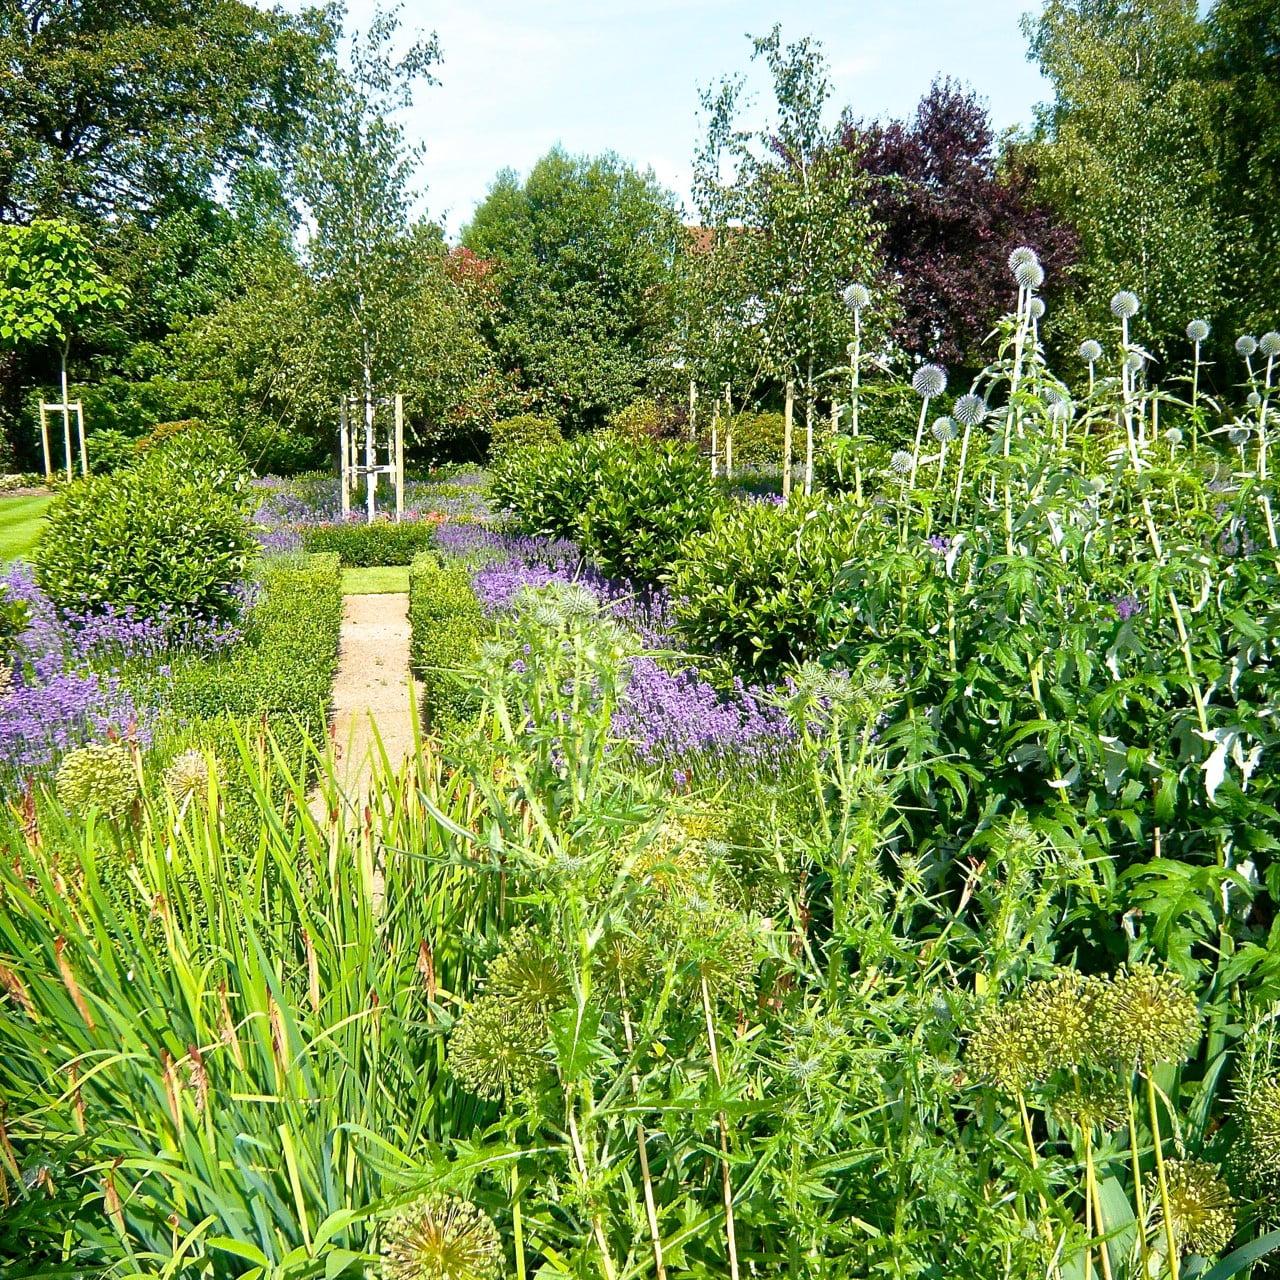 Formal-country-garden-6-www.joannealderson.com_